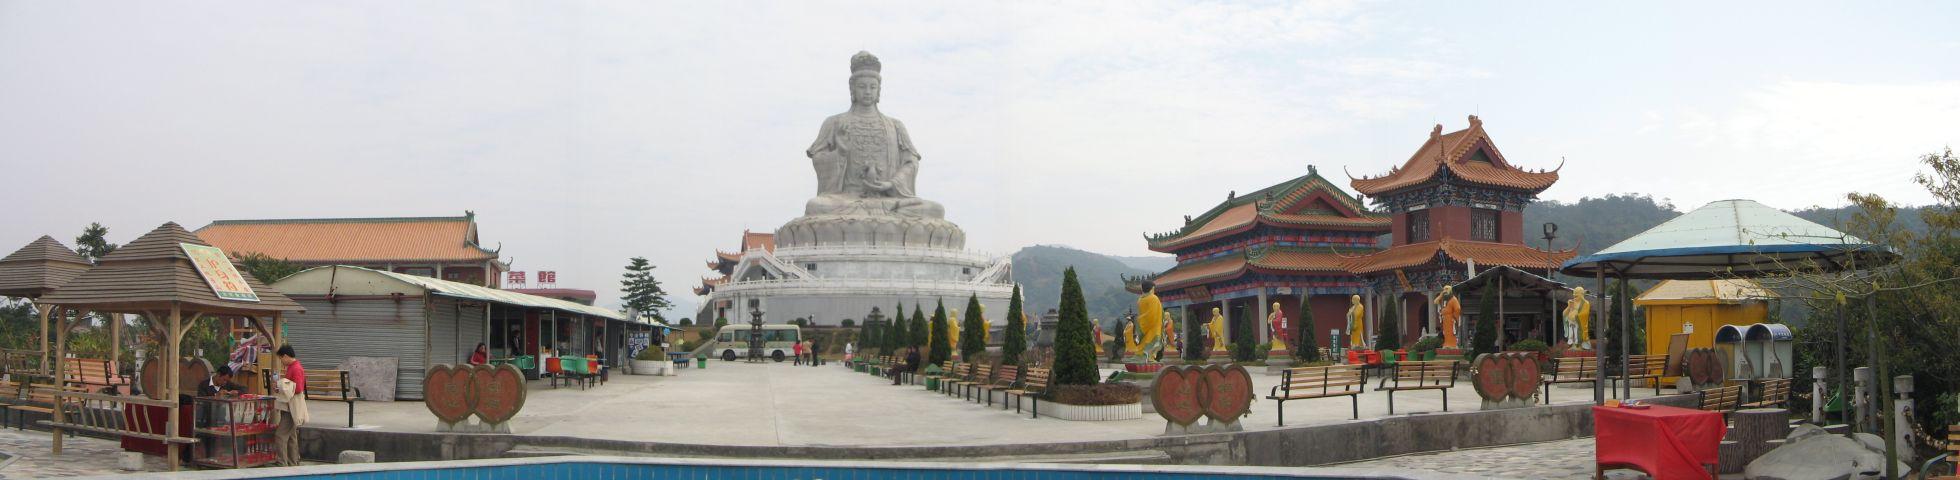 Dongguan_Guanyinshan